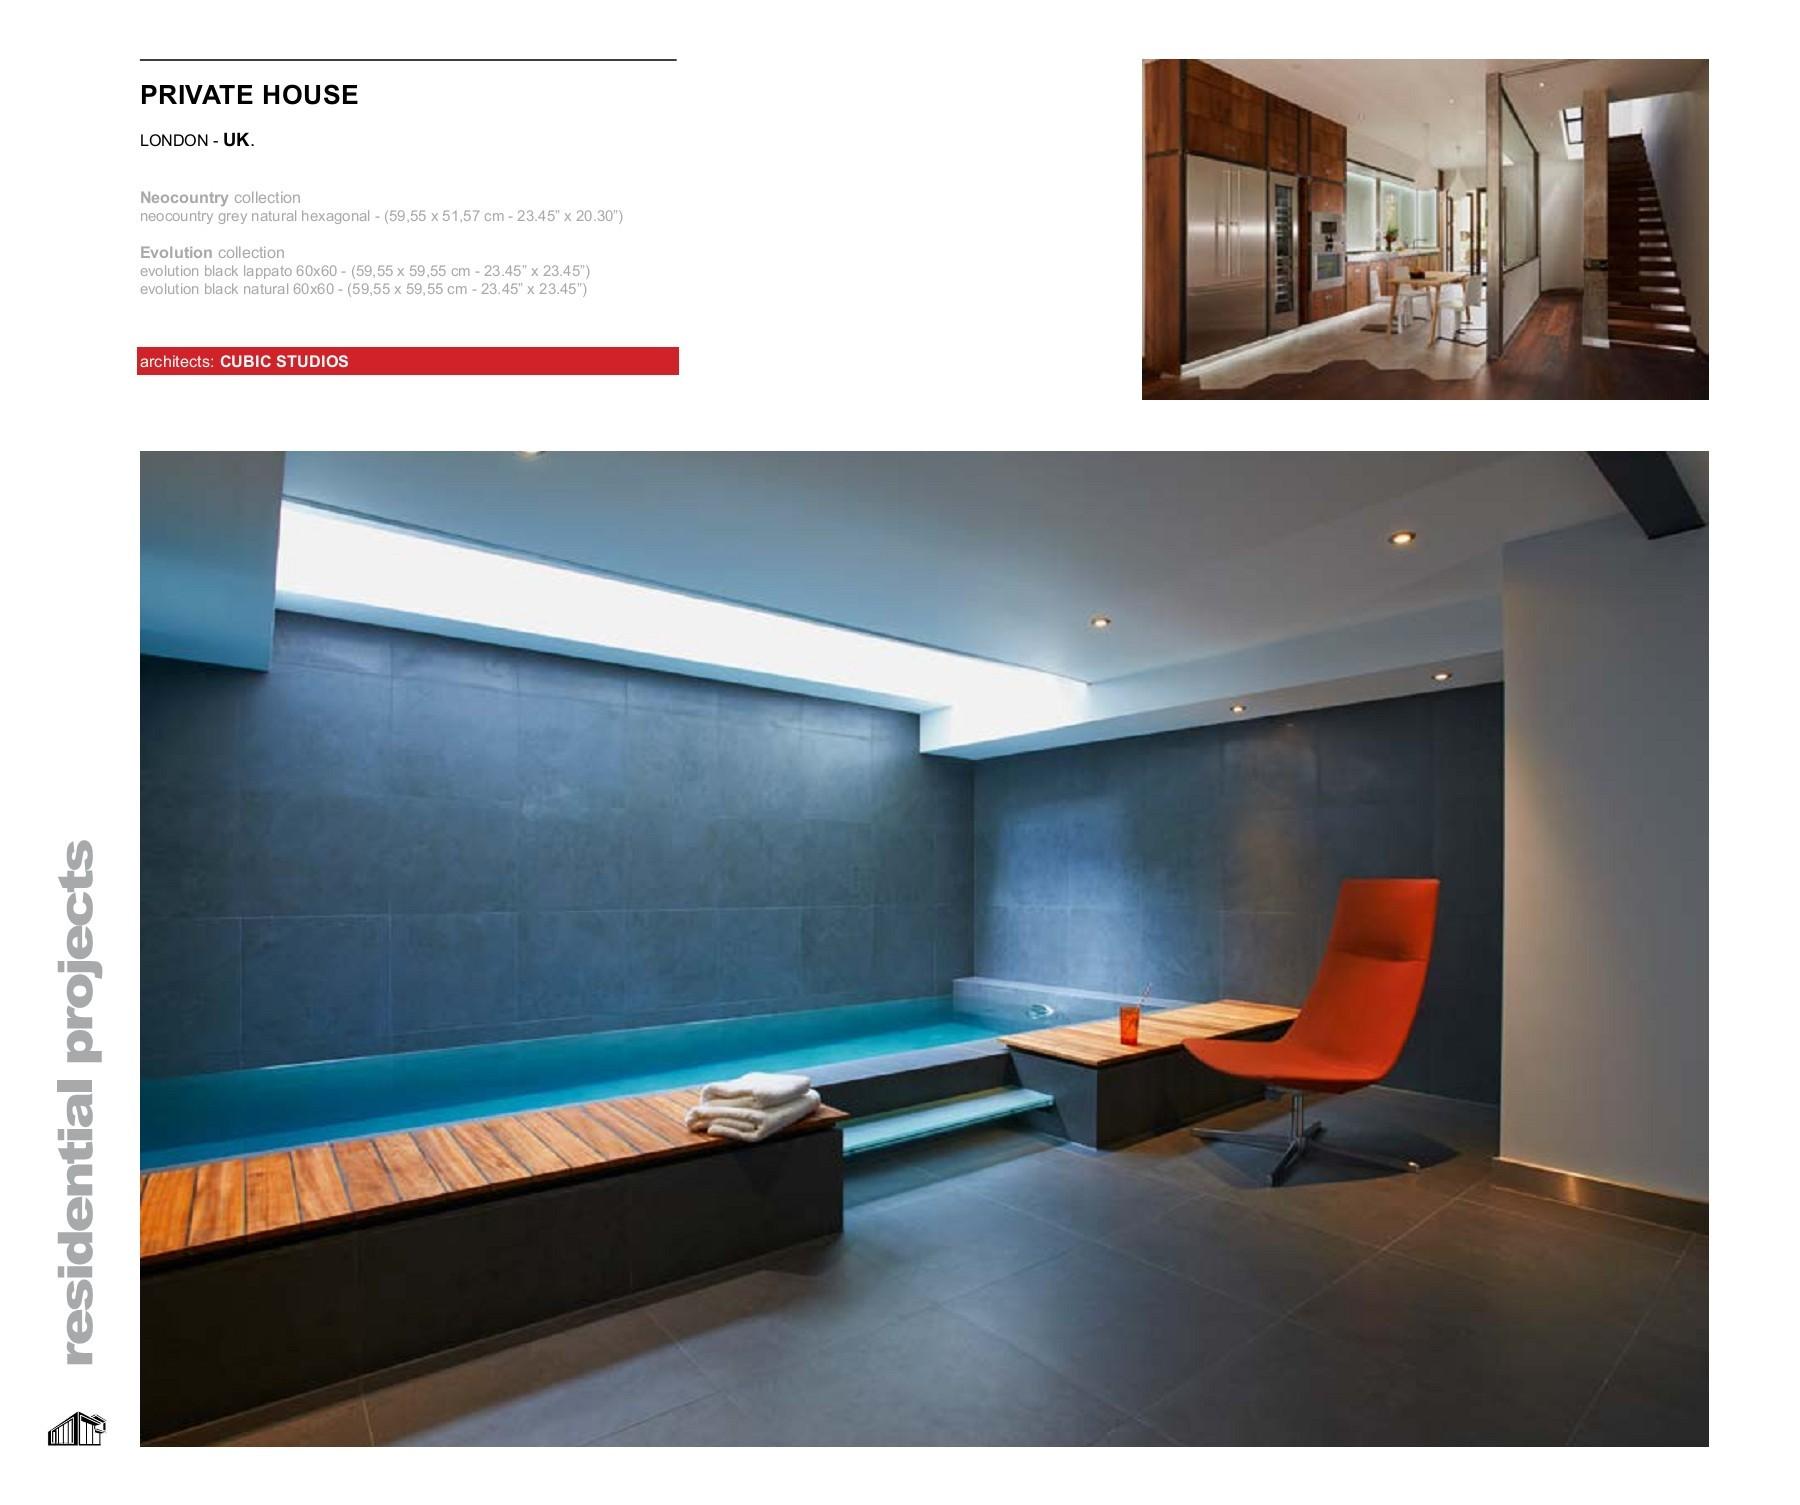 Salon De Jardin Lounge Génial Projectscatalogue1415 Pages 101 136 Text Version Of 20 Élégant Salon De Jardin Lounge